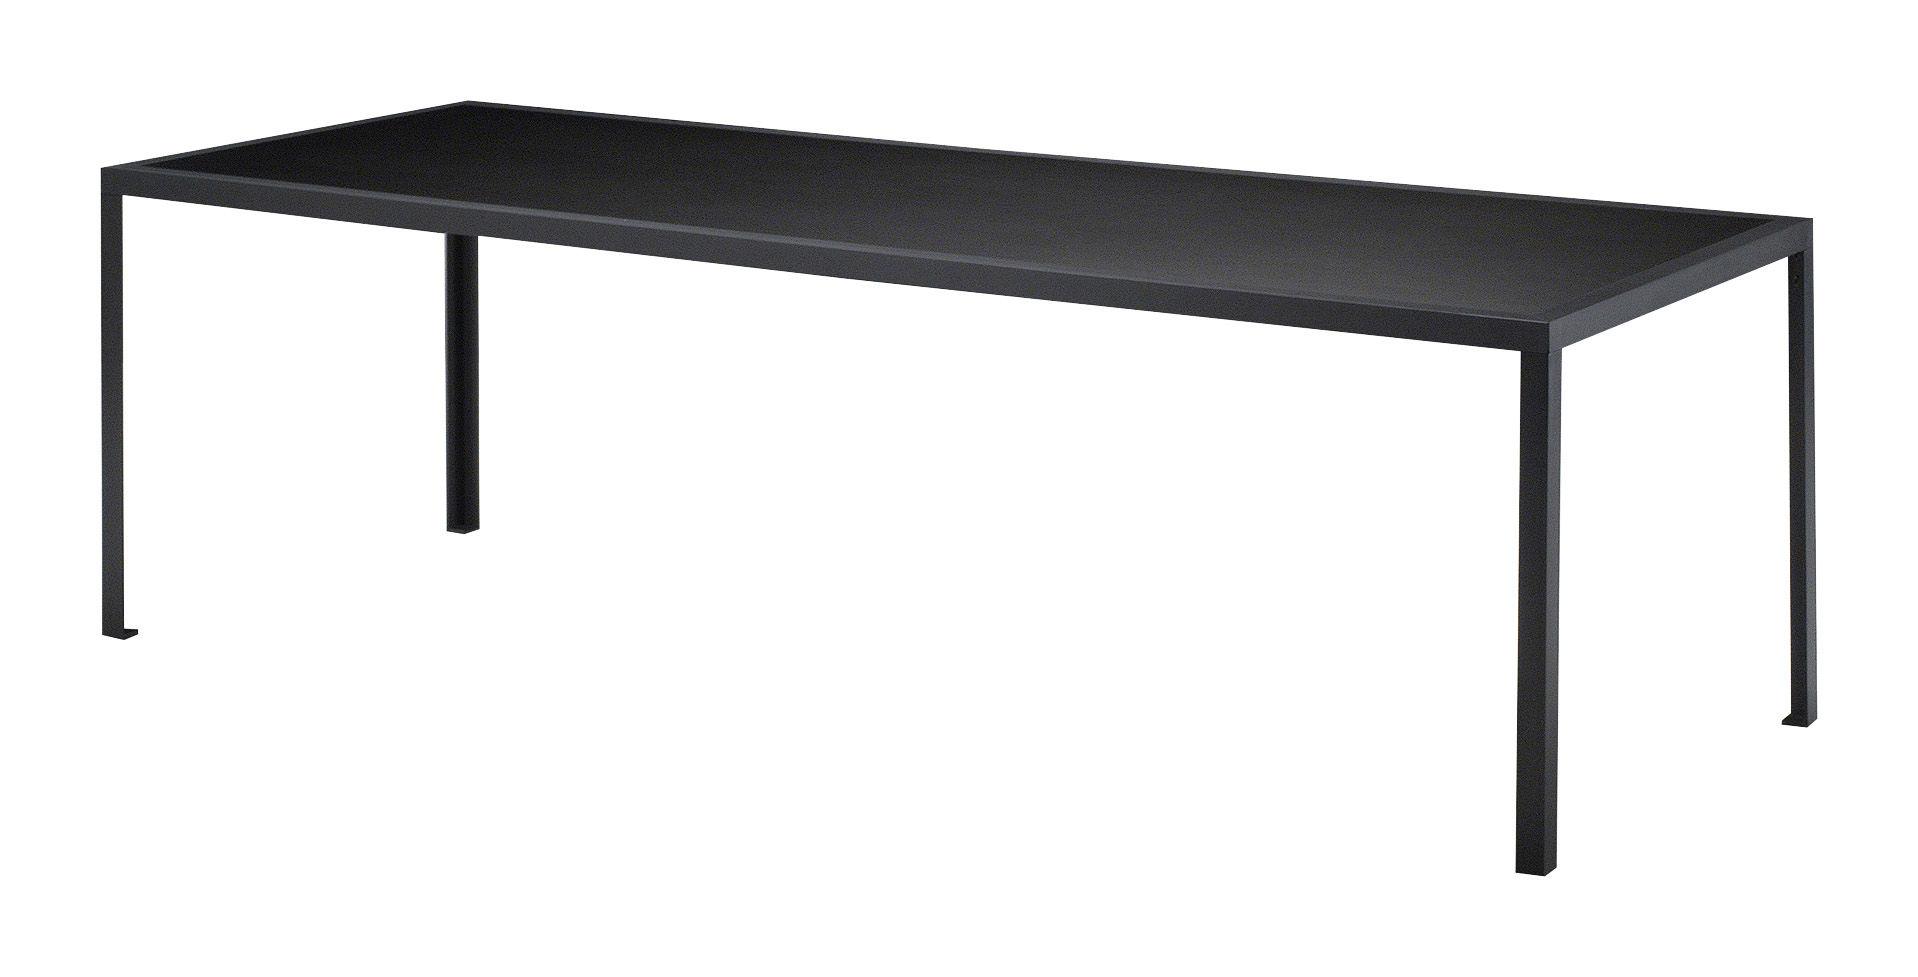 Mobilier - Tables - Table Tavolo / 180 x 90 cm - Plateau linoleum - Zeus - Noir - Acier peint, Linoléum